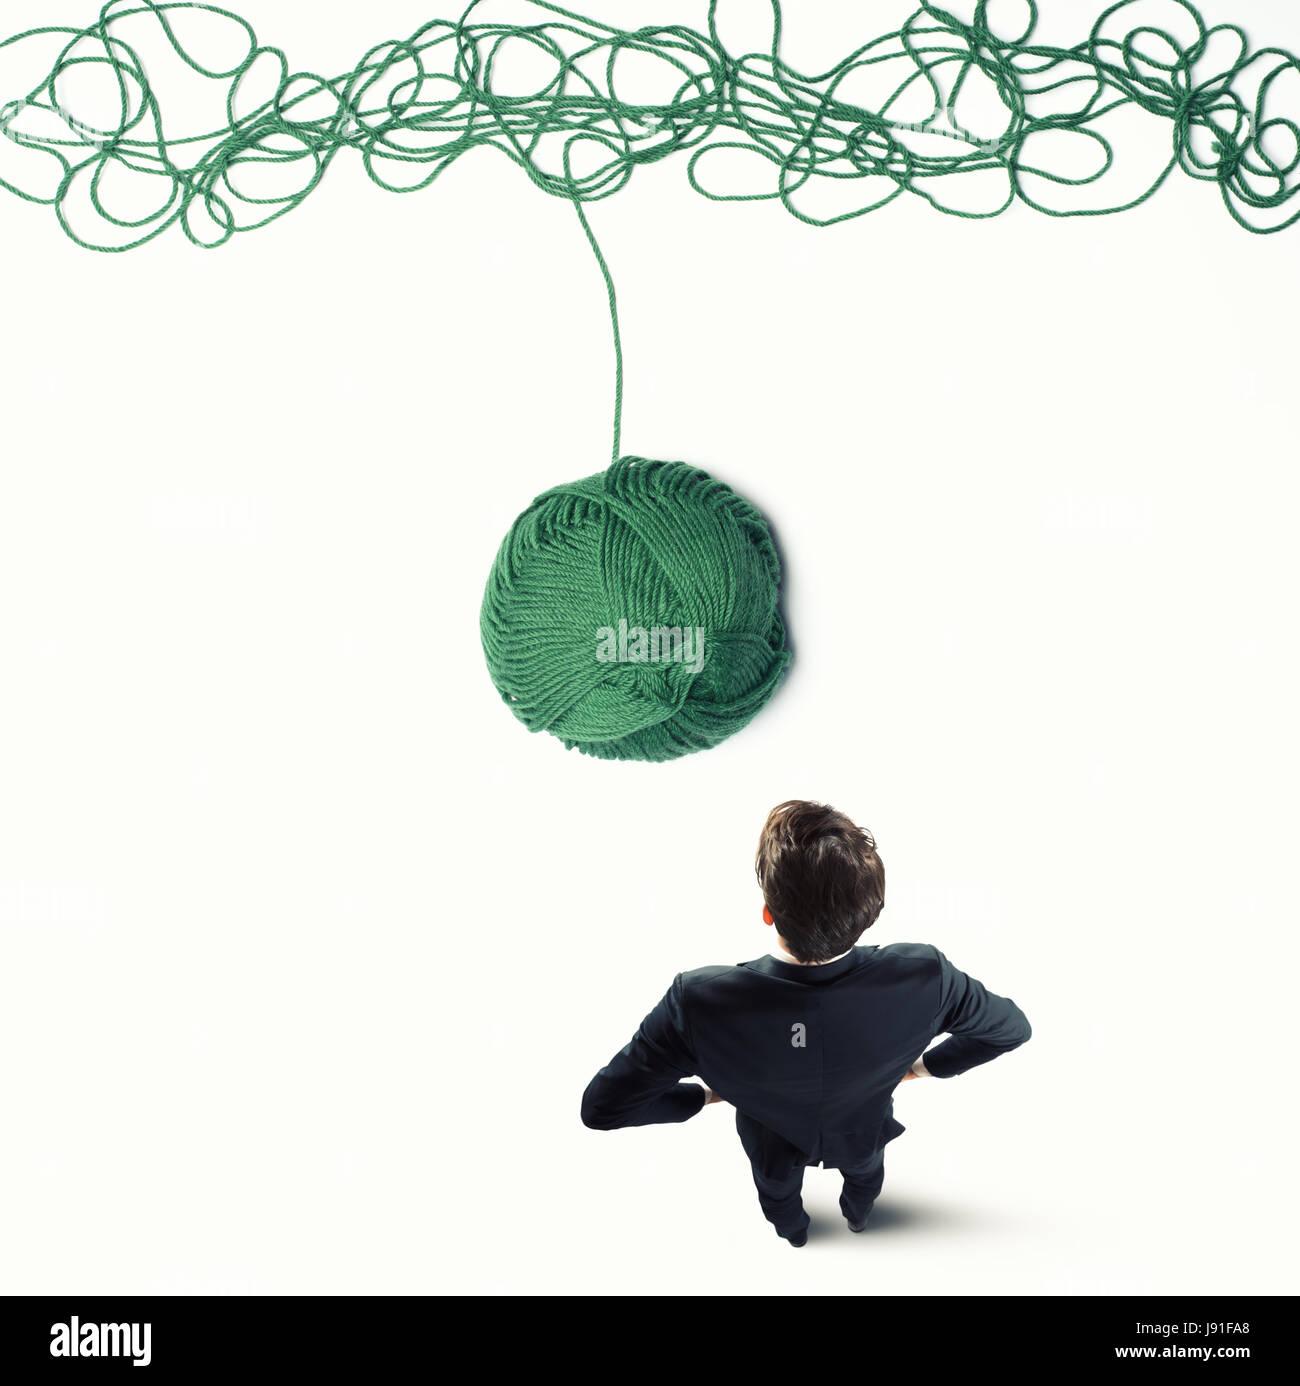 Konzept der Lösung und Innovation mit Wolle ball Stockbild